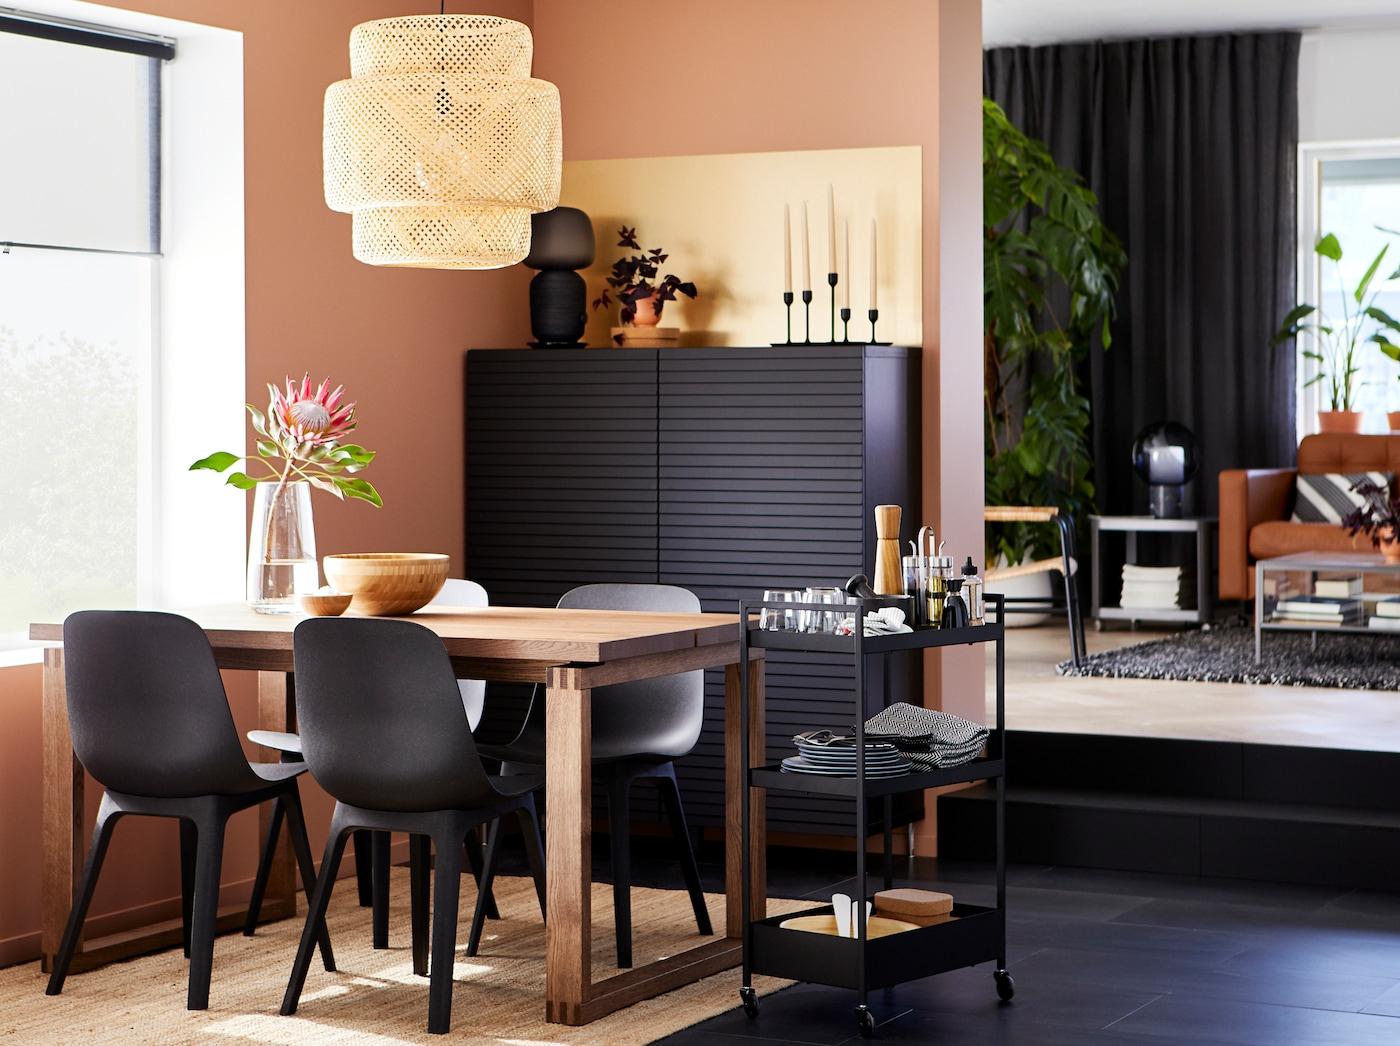 Déco Salle À Manger : Notre Galerie De Photos - Ikea avec Table Salle A Manger Pliante Ikea